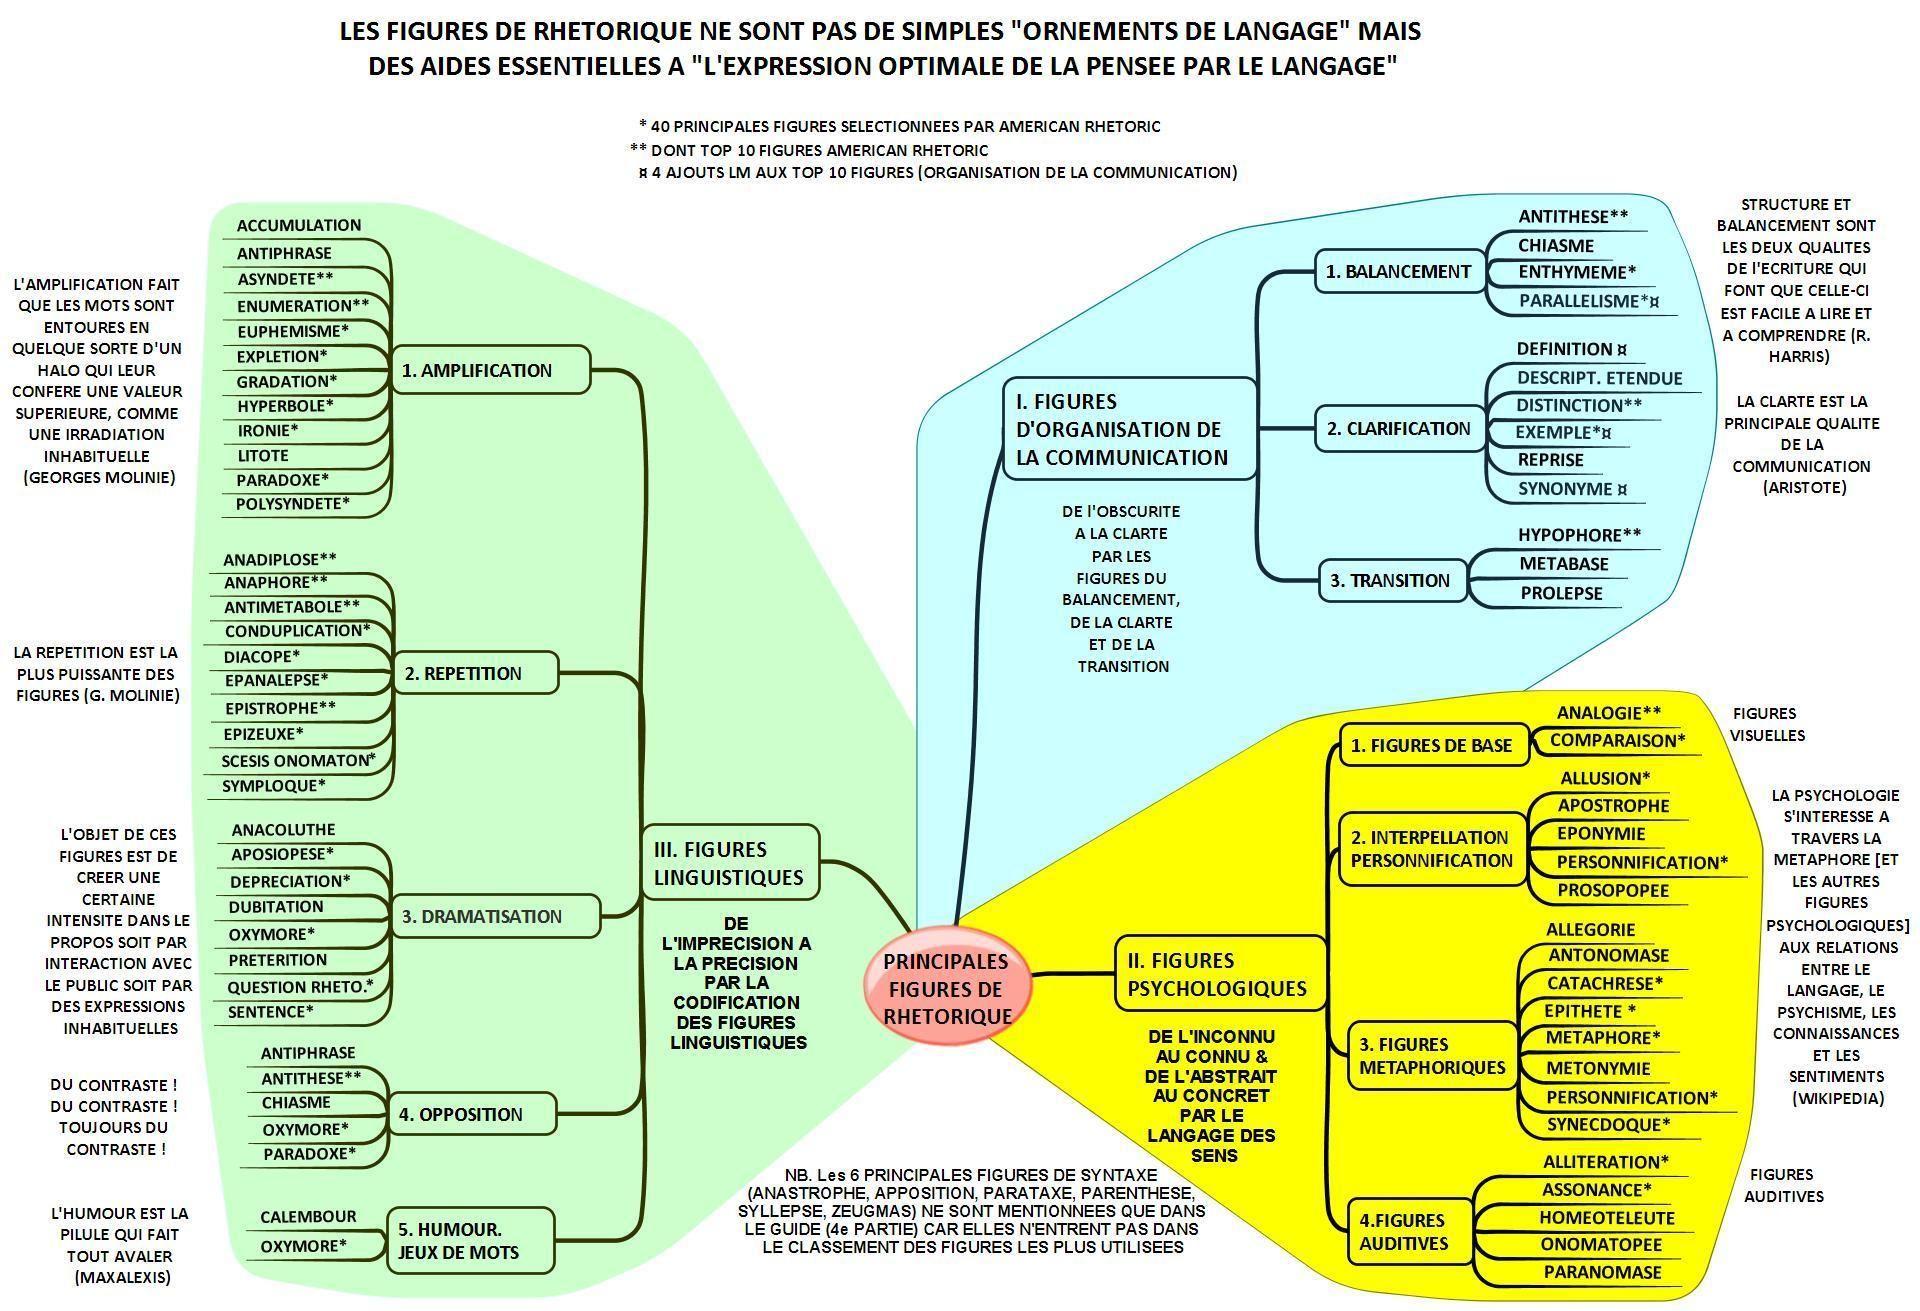 Nouveau Guide Pratique Des Principales Figures De Rhetorique Les Figures De Rhetorique Sont Des Aides Essentielles A Rhetorique Guide Pratique Langage Figure